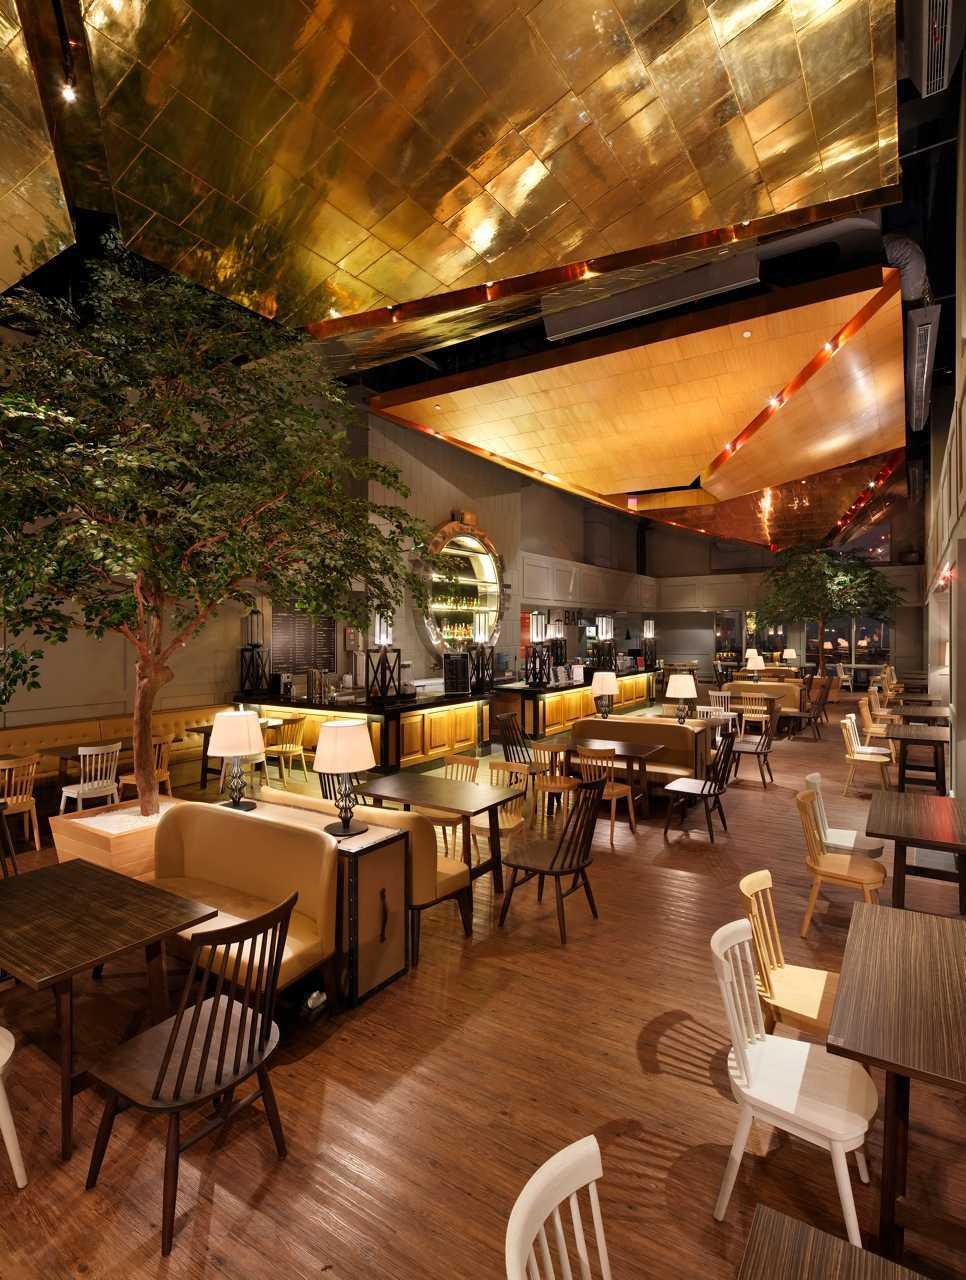 Foto inspirasi ide desain restoran Seating area interior view oleh MA-RU di Arsitag